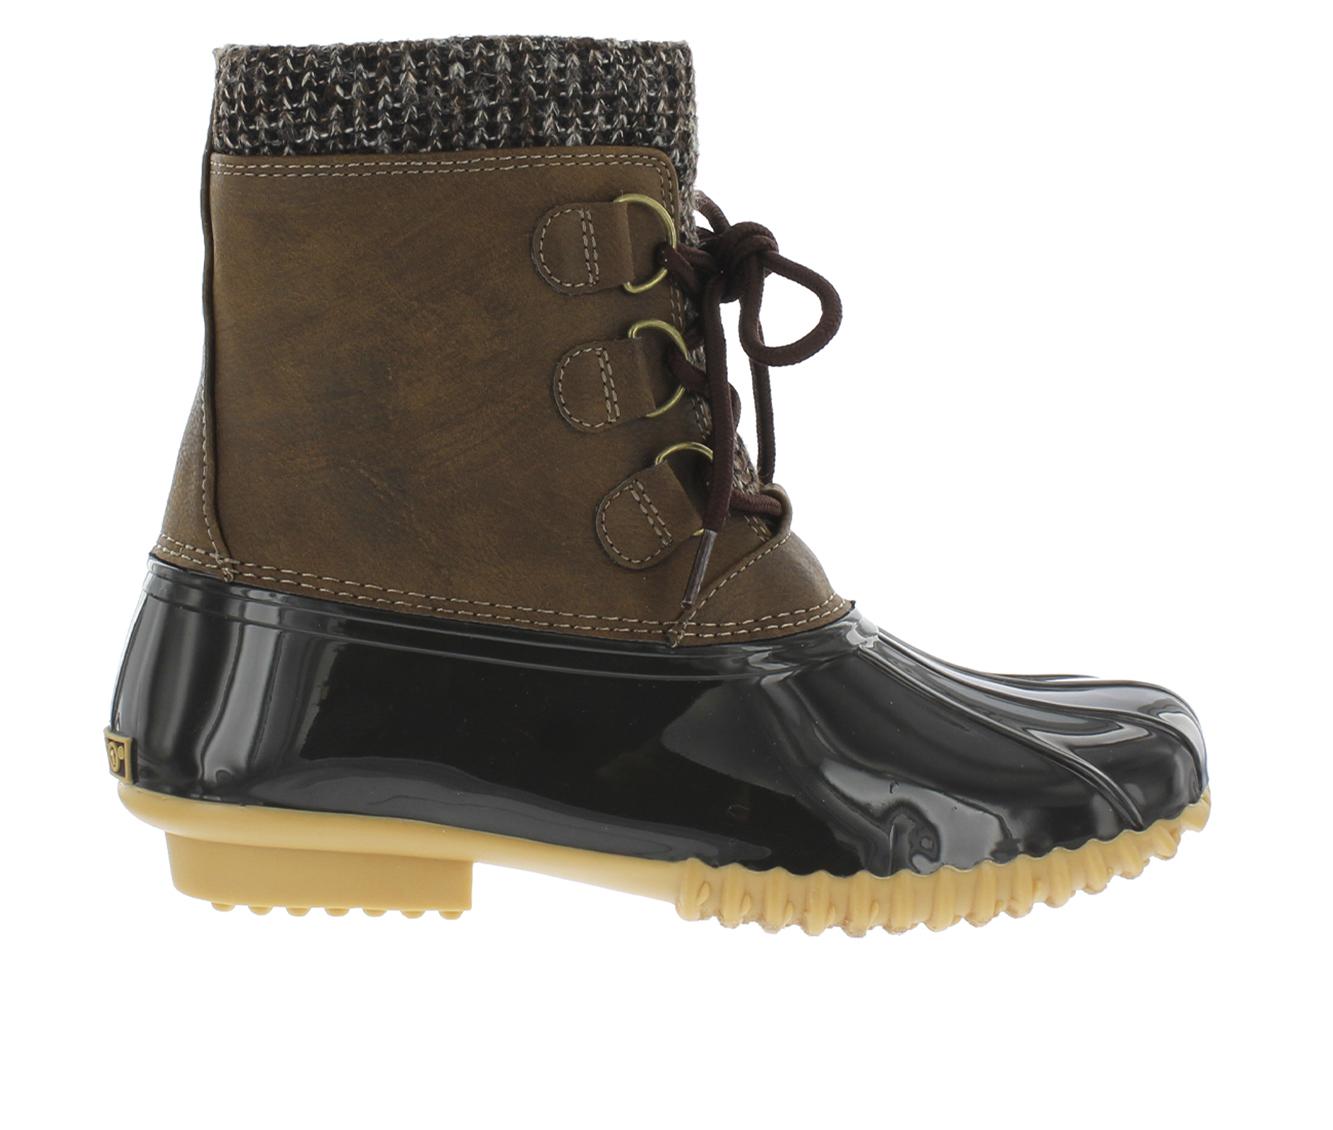 Sporto Degas Boot Women's Shoes in